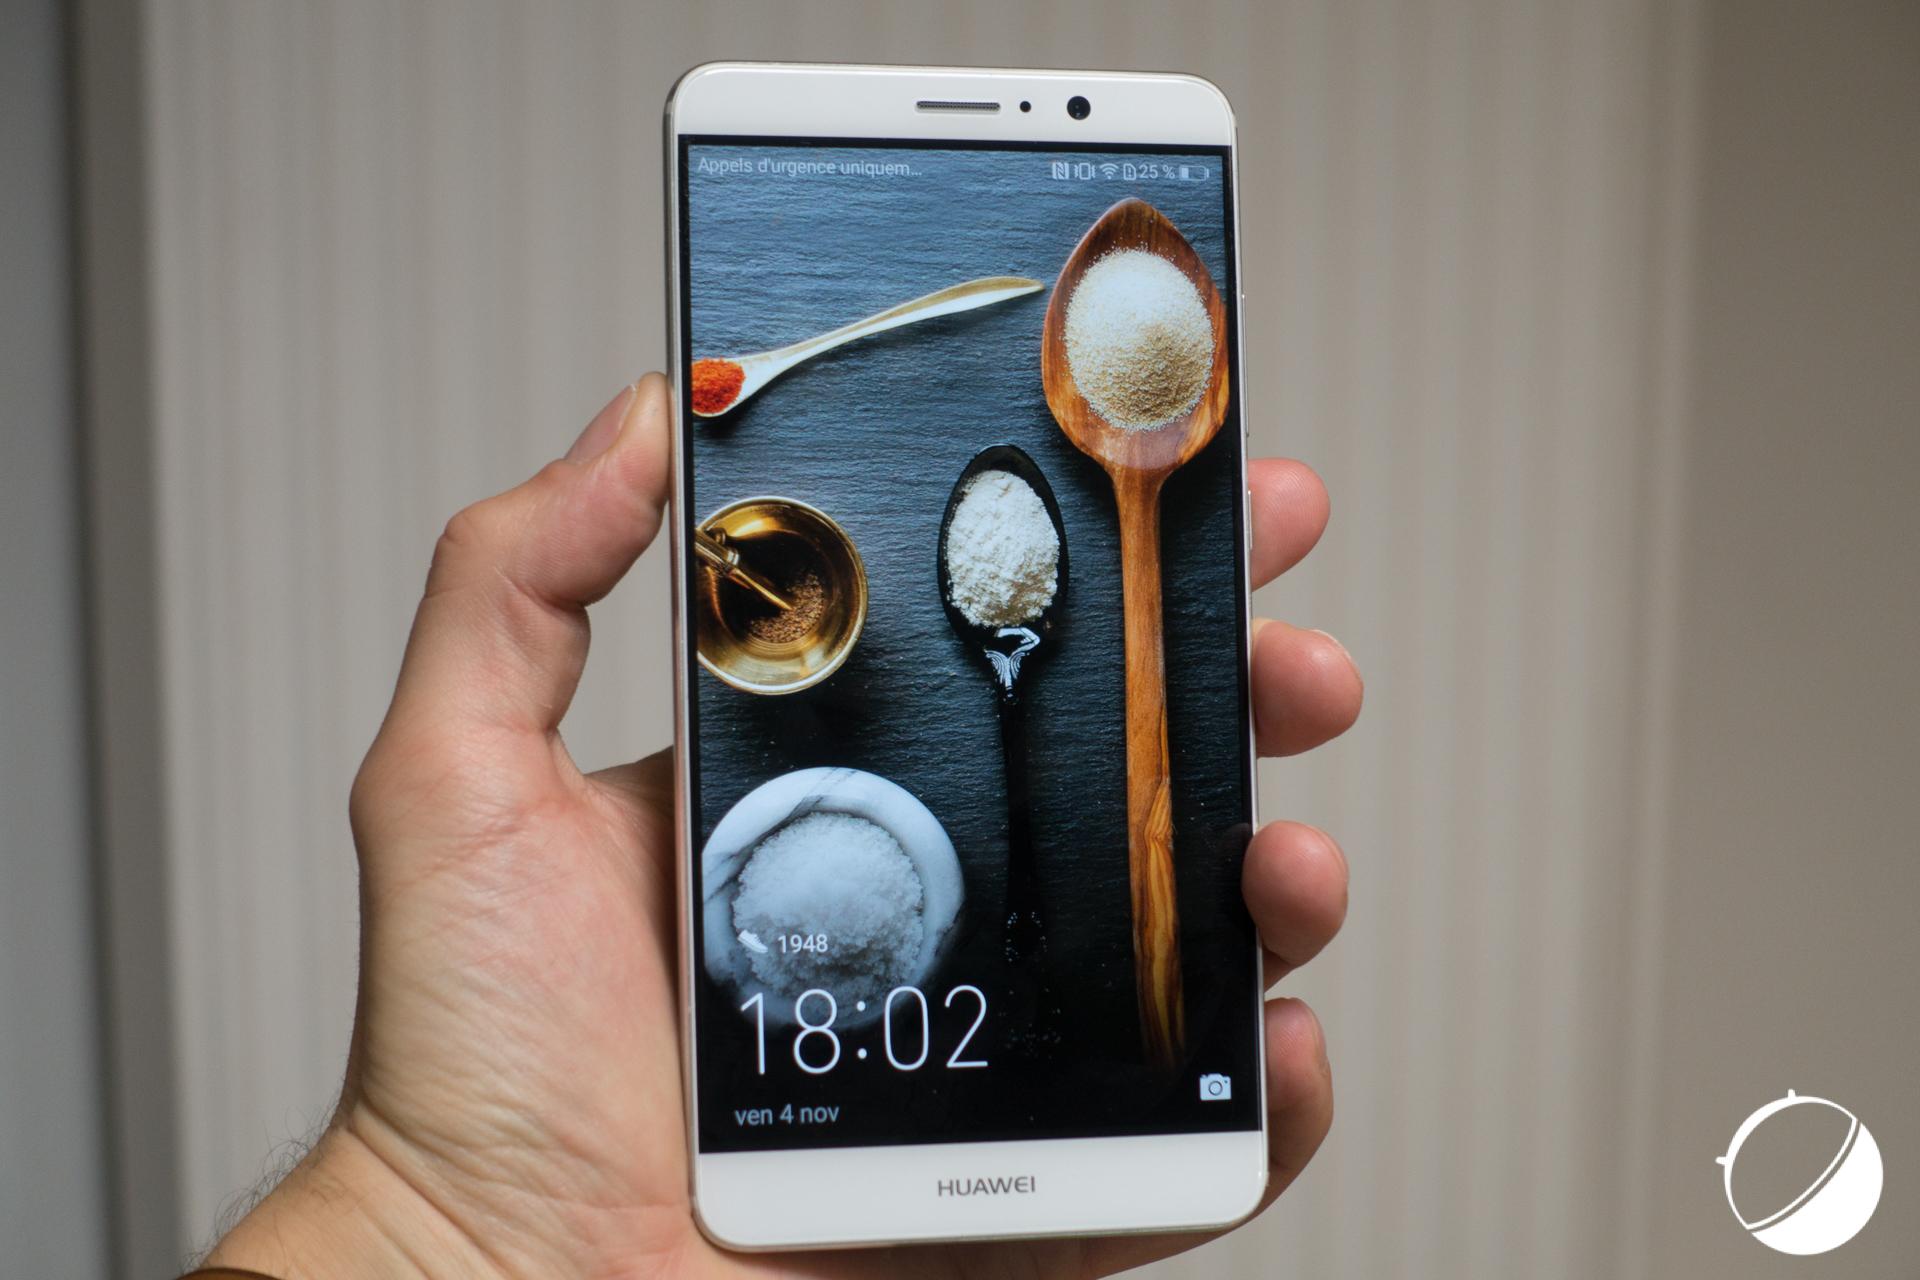 Test Huawei Mate 9 Notre Avis Complet Smartphones